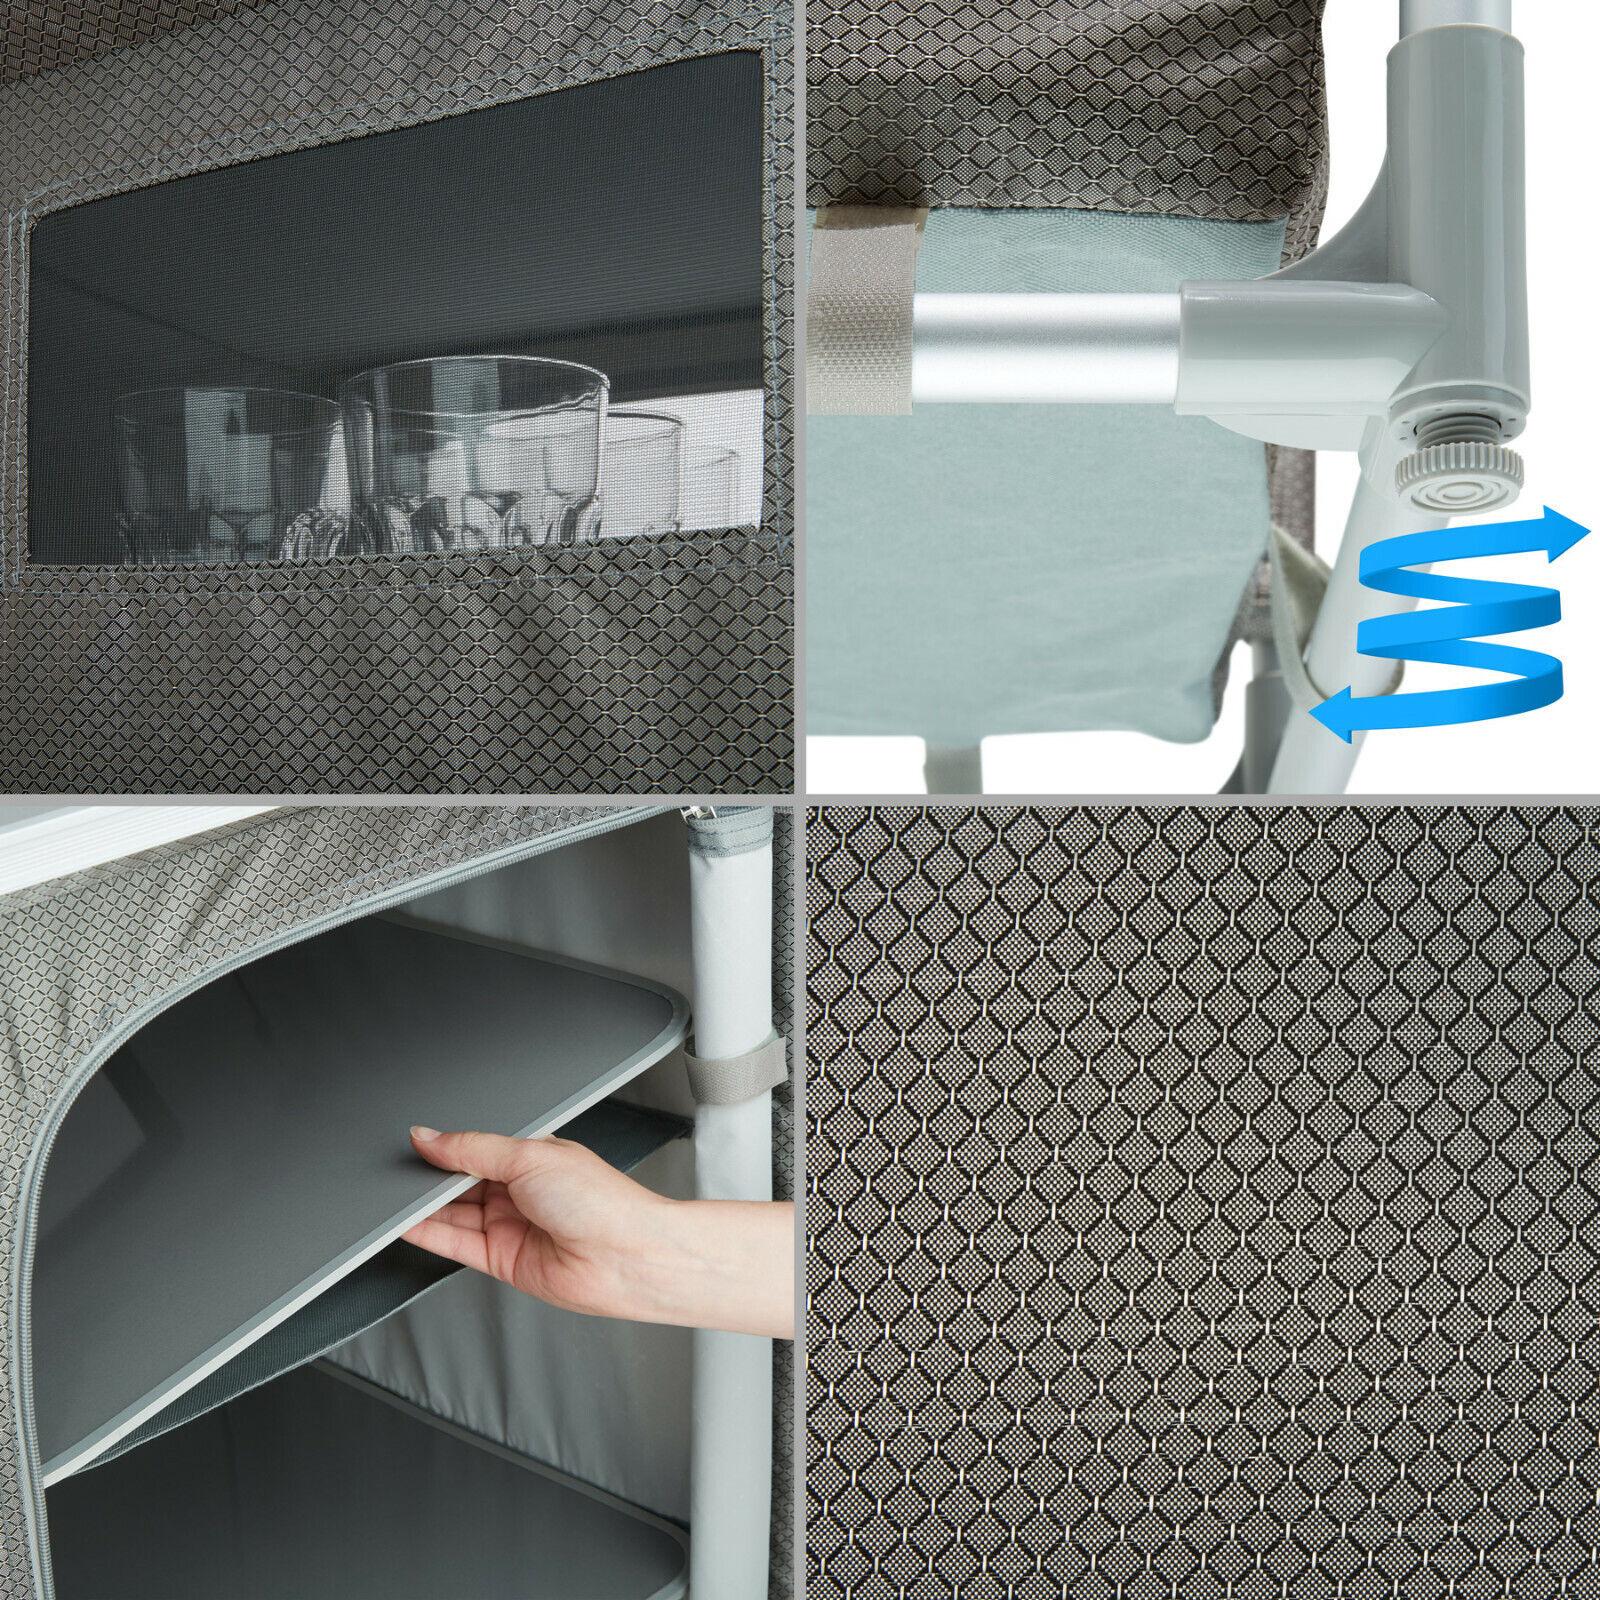 s l1600 - Campingküche Alu Küchenbox Campingschrank Faltschrank Reiseküche Küche faltbar